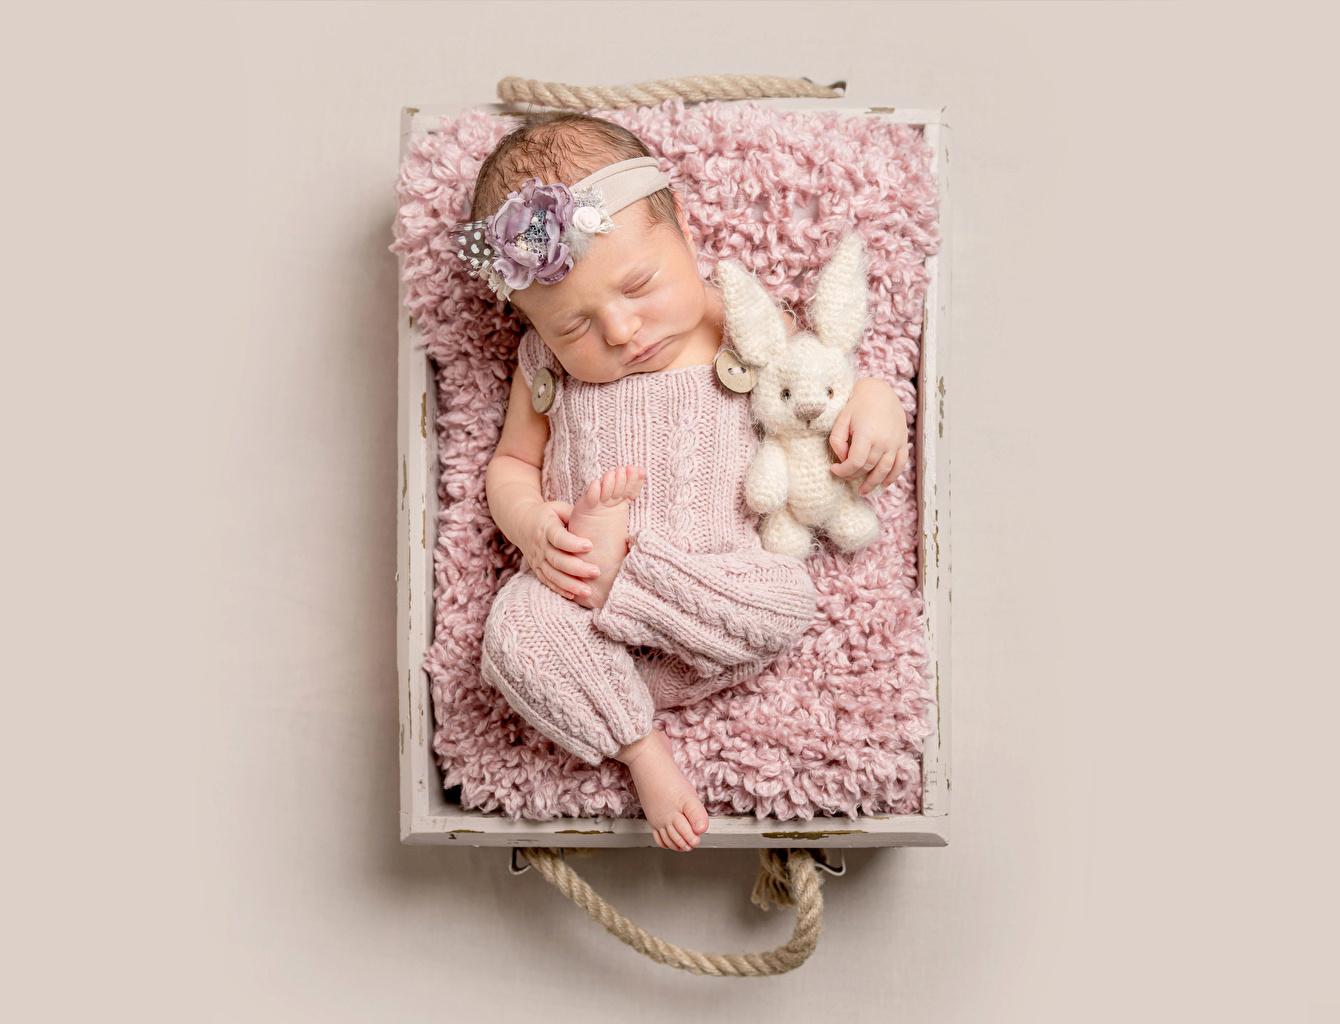 Bilder Hasen Säugling kind Schlaf Farbigen hintergrund Baby Kinder schläft schlafen schlafende schlafendes